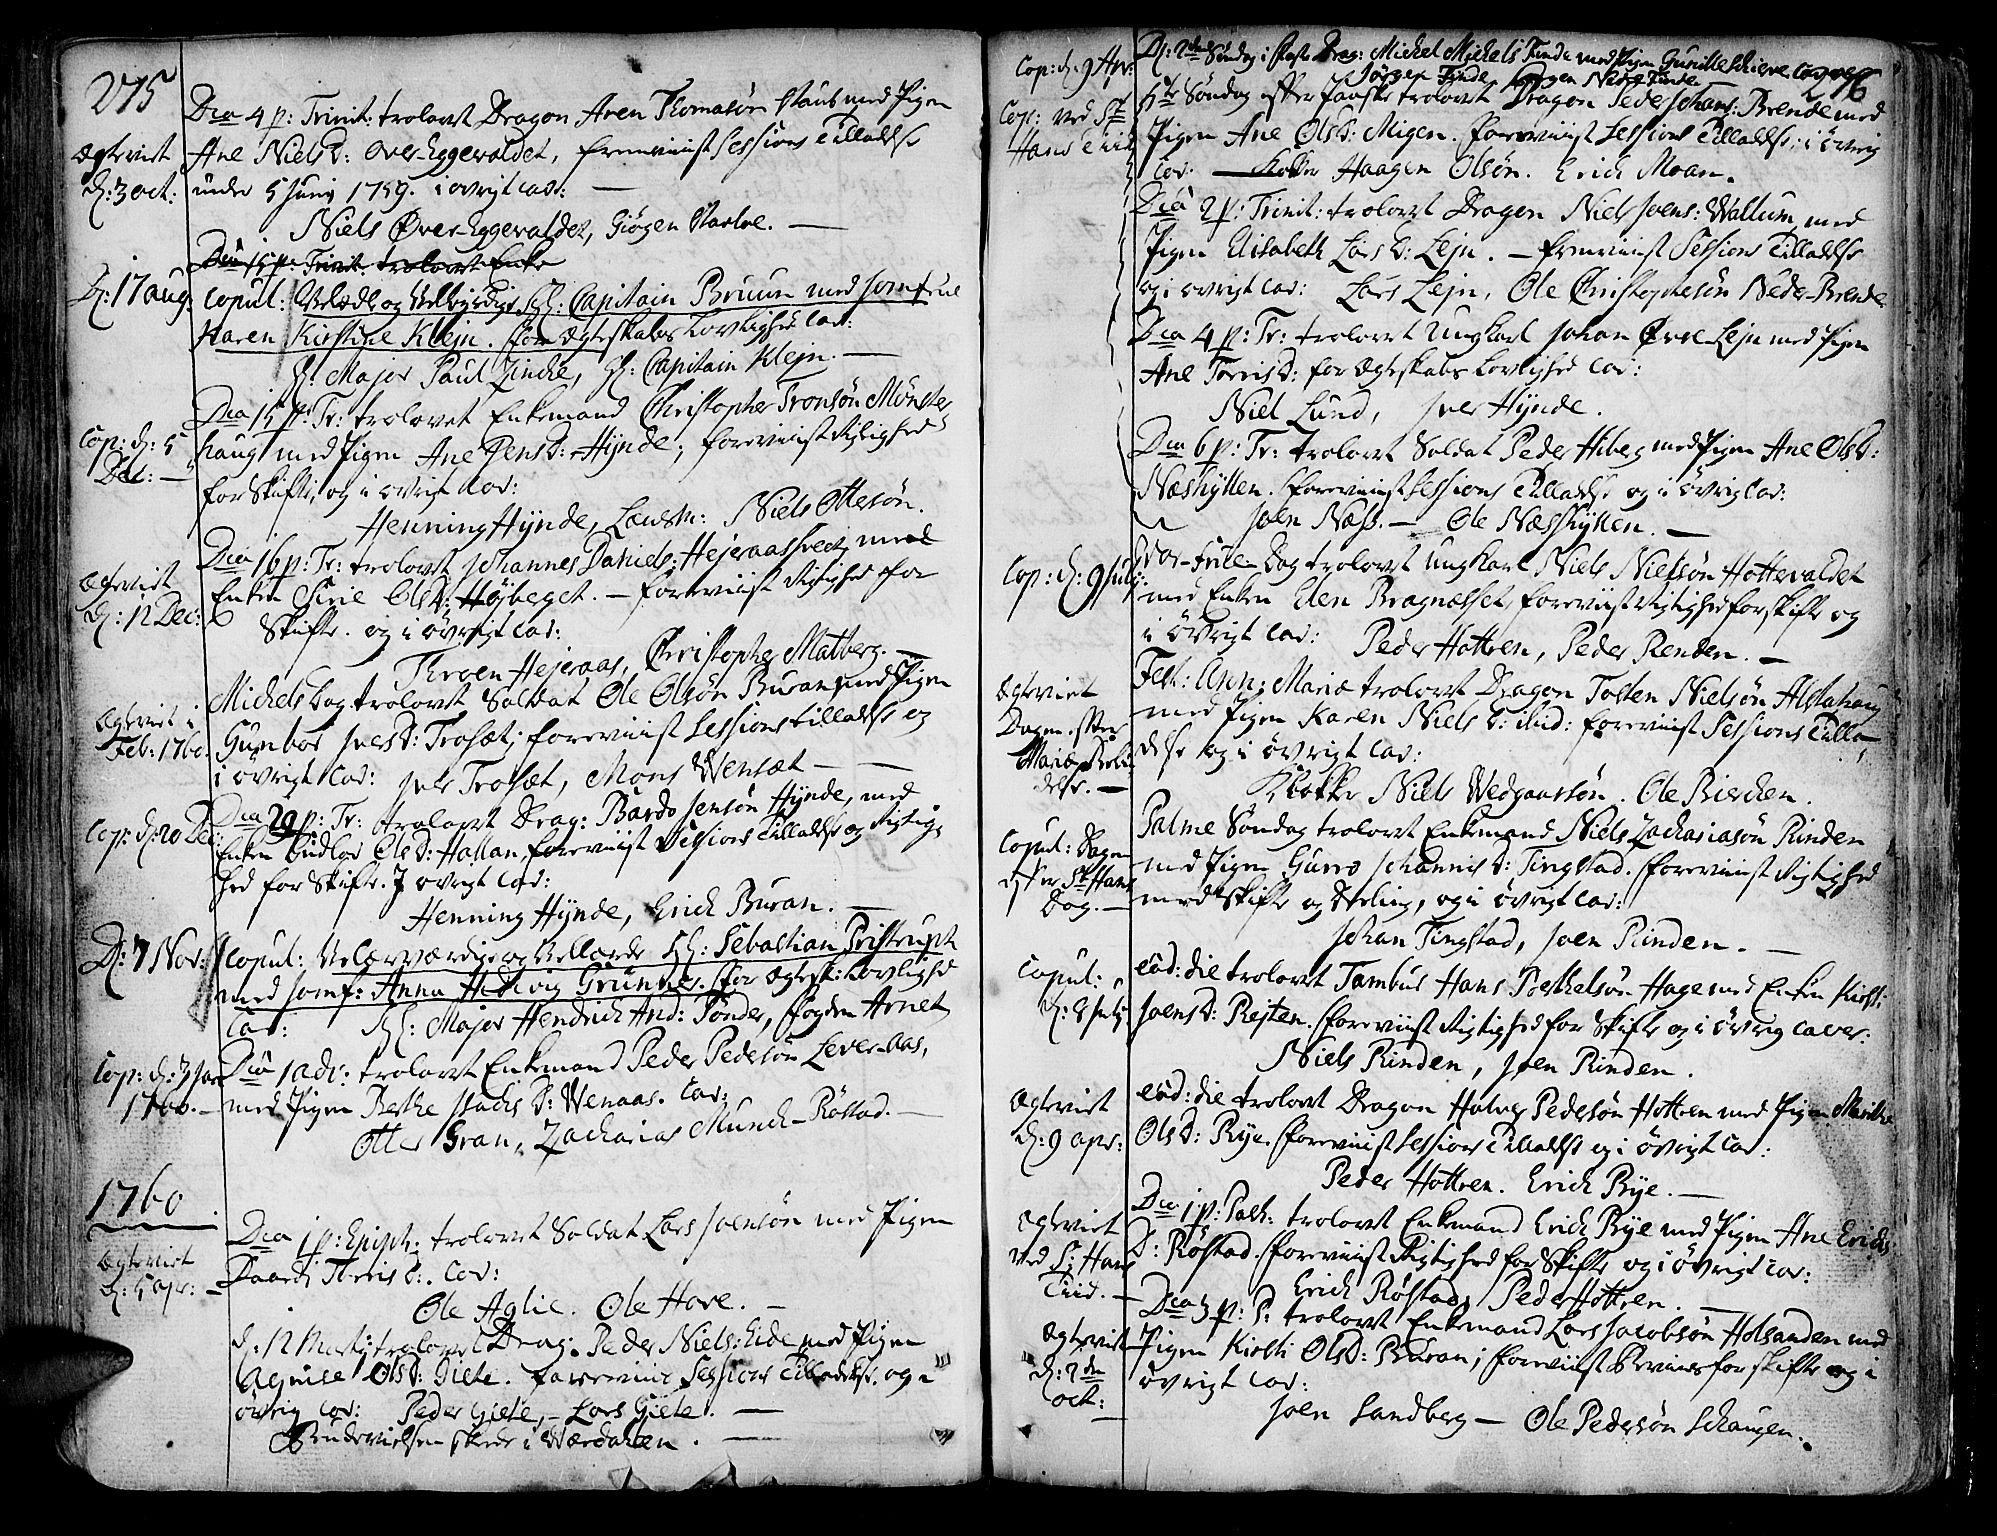 SAT, Ministerialprotokoller, klokkerbøker og fødselsregistre - Nord-Trøndelag, 717/L0141: Ministerialbok nr. 717A01, 1747-1803, s. 275-276